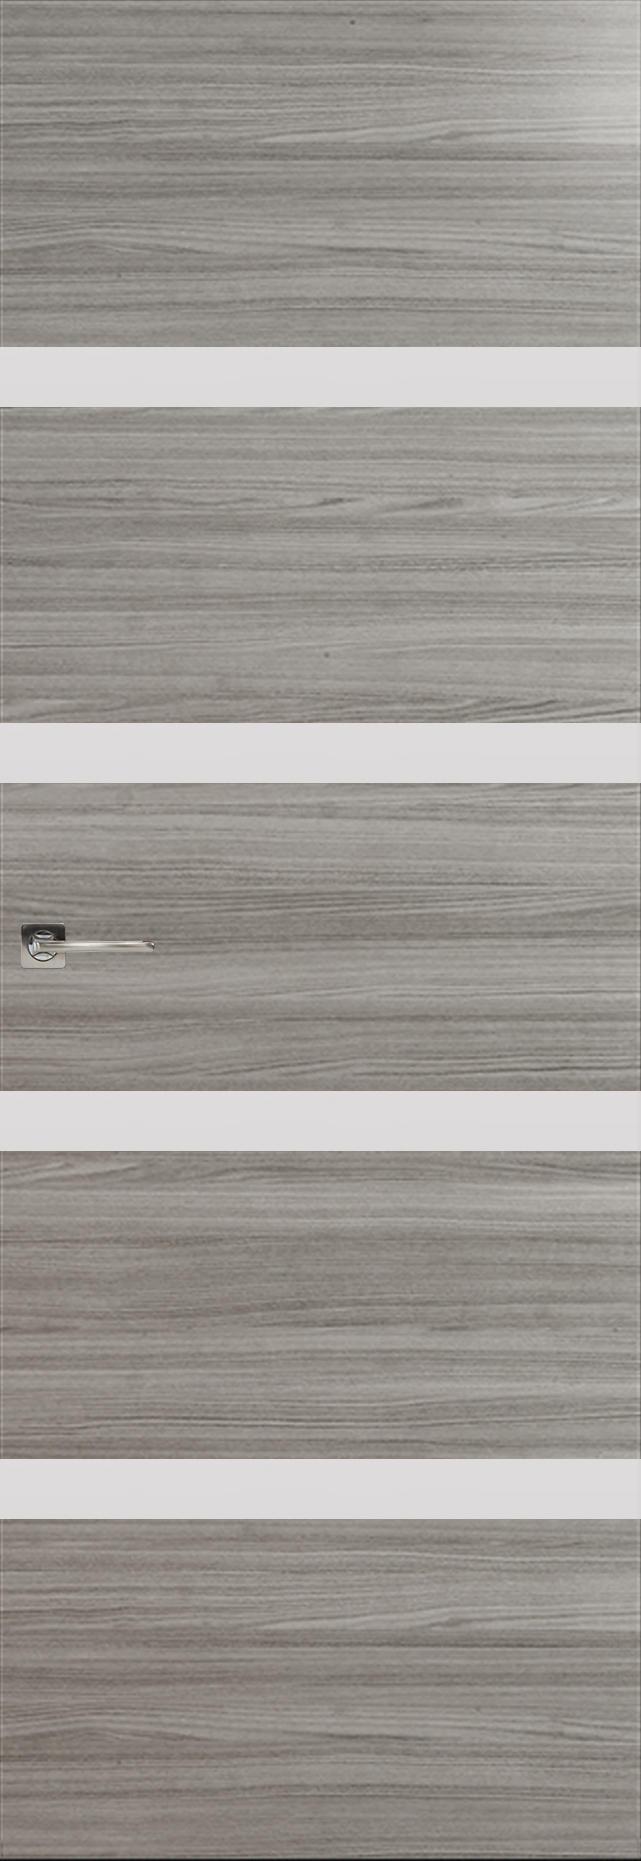 Tivoli Д-4 Невидимка цвет - Орех пепельный Без стекла (ДГ)